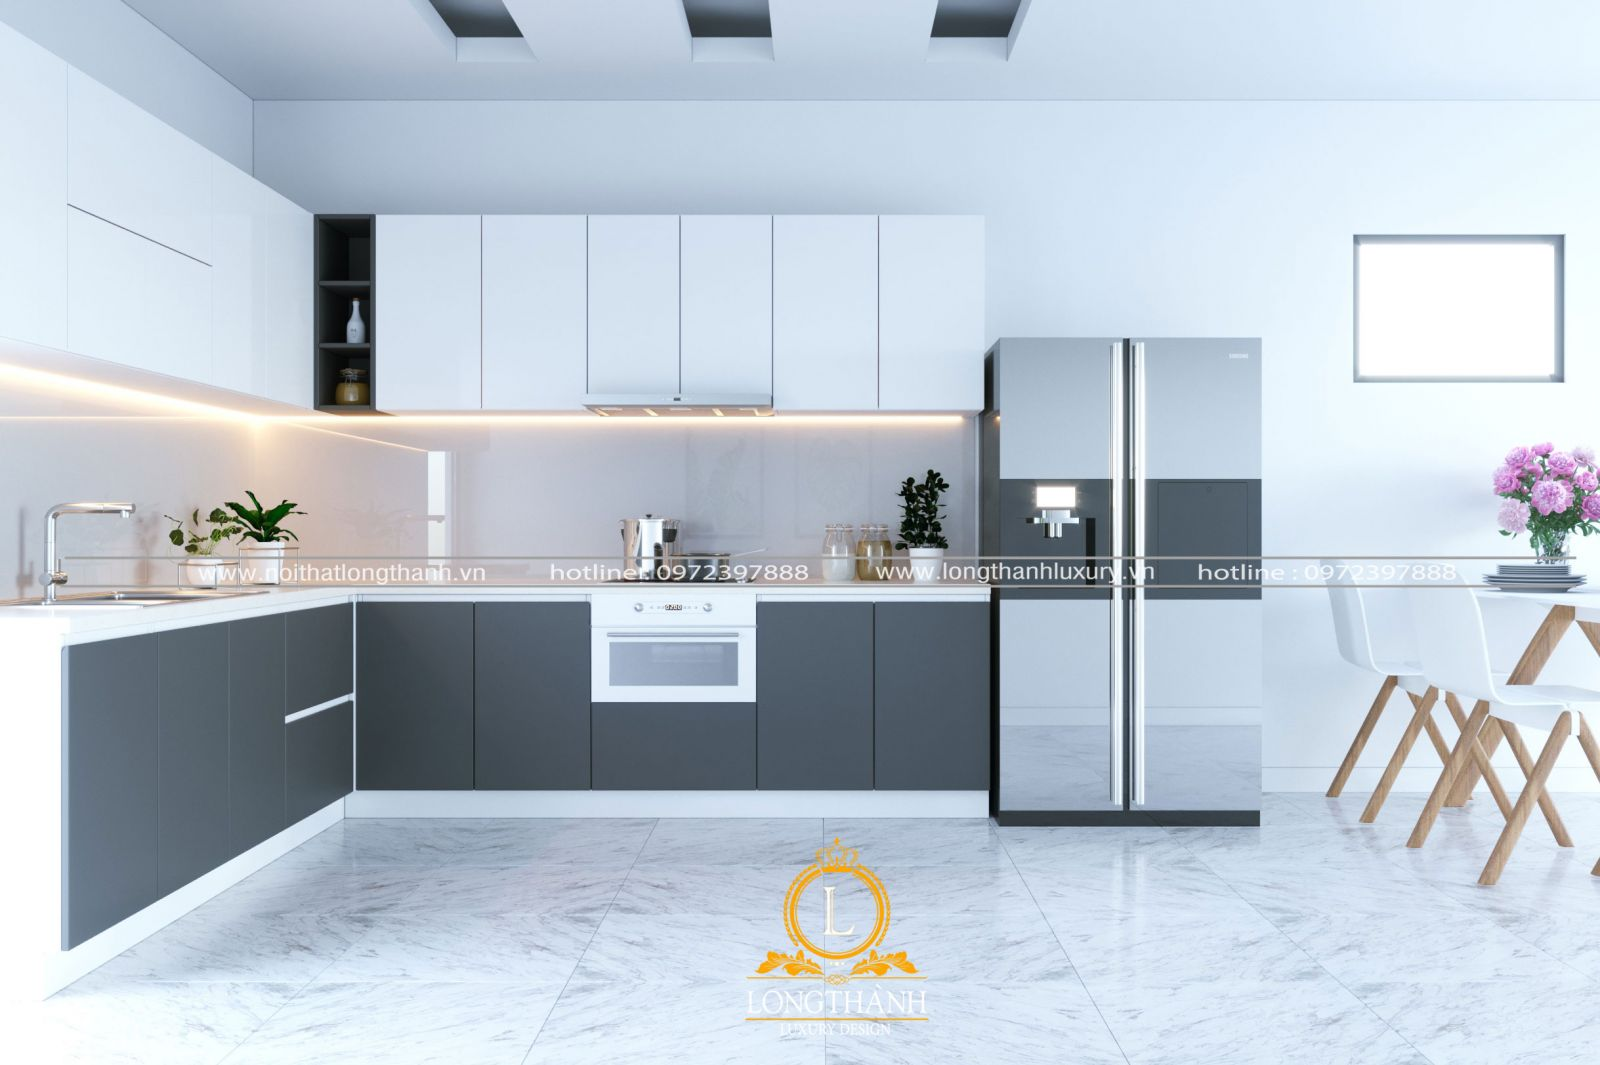 Không gian bếp ăn tối giản cho nhà chung cư